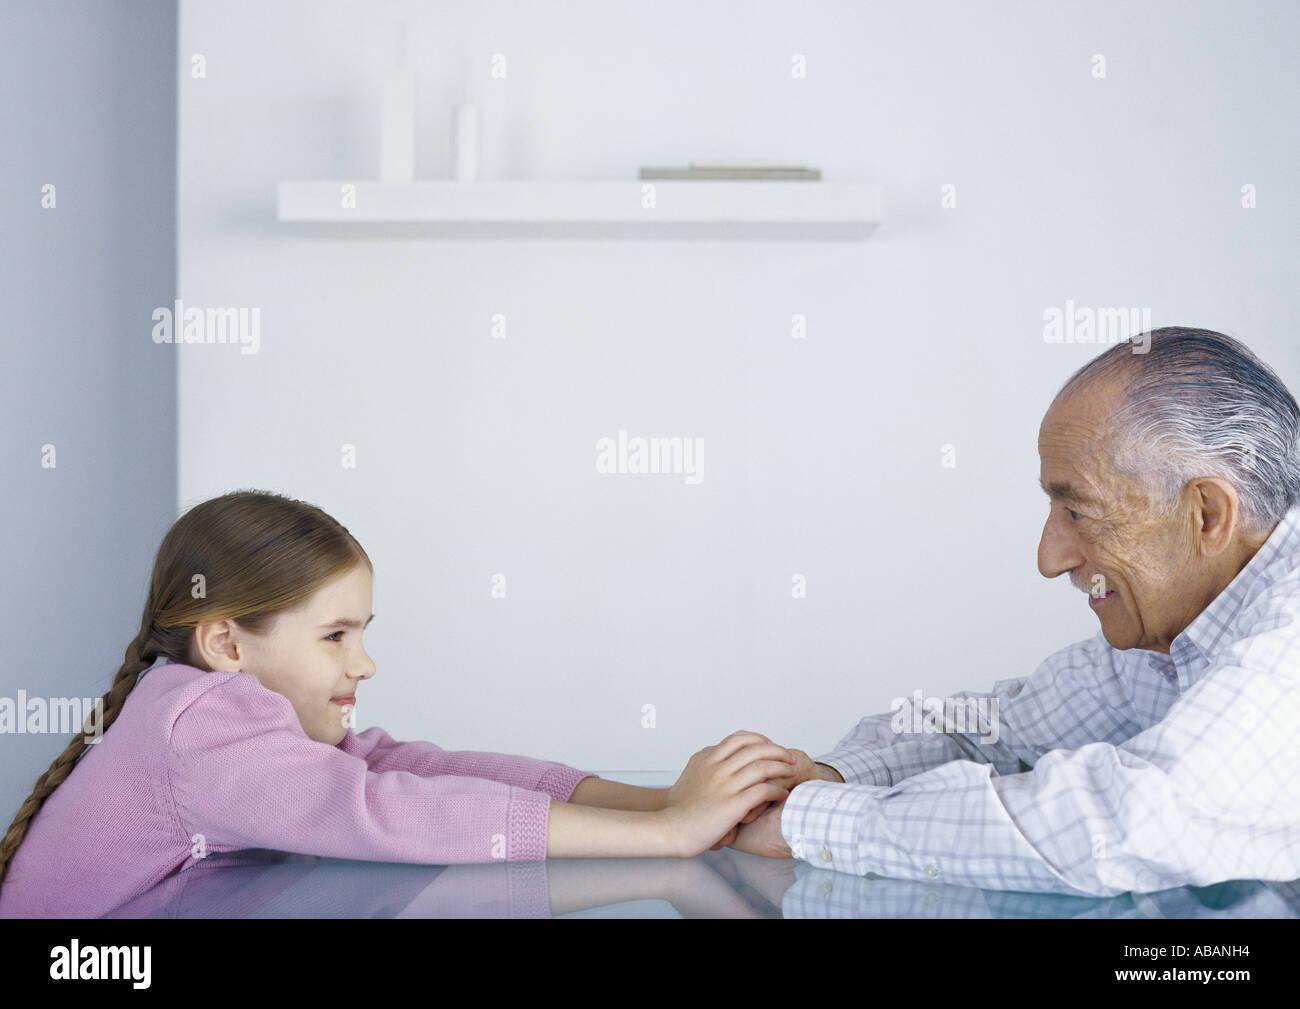 Grand-père et fille assise en face de l'autre, à table, se tenant la main Photo Stock